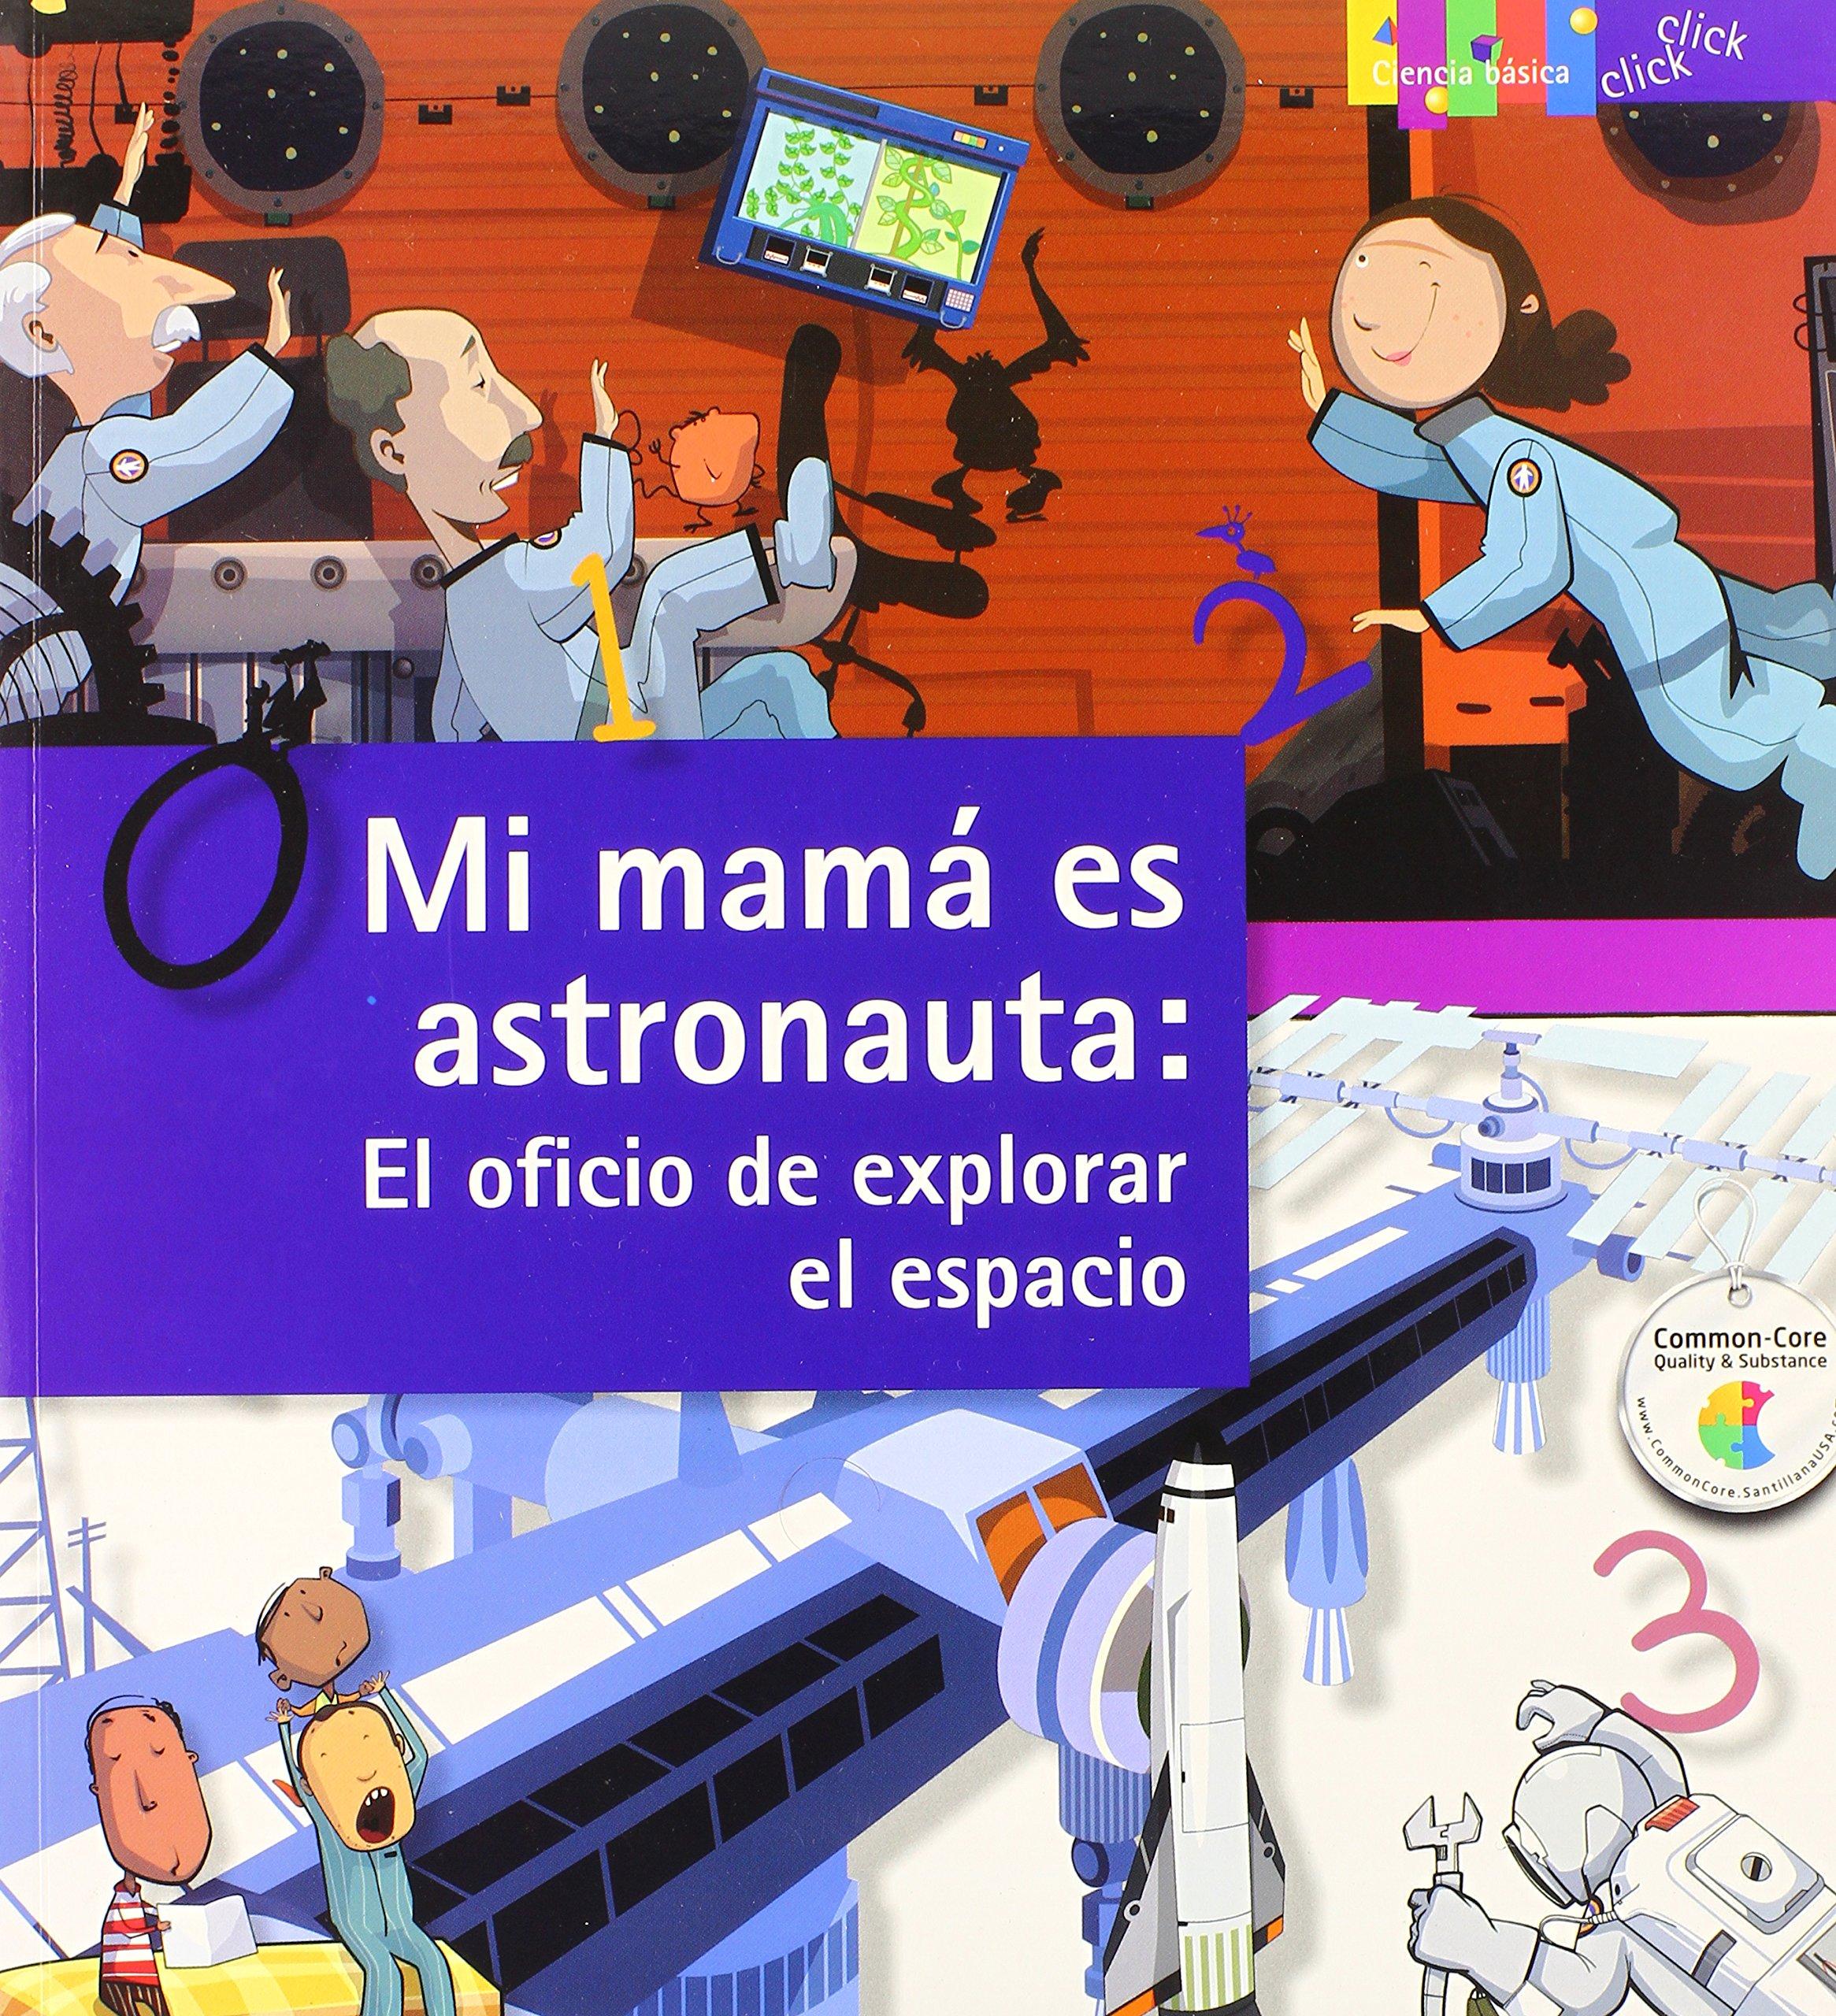 Mi mamá es astronauta: El oficio de explorar el espacio